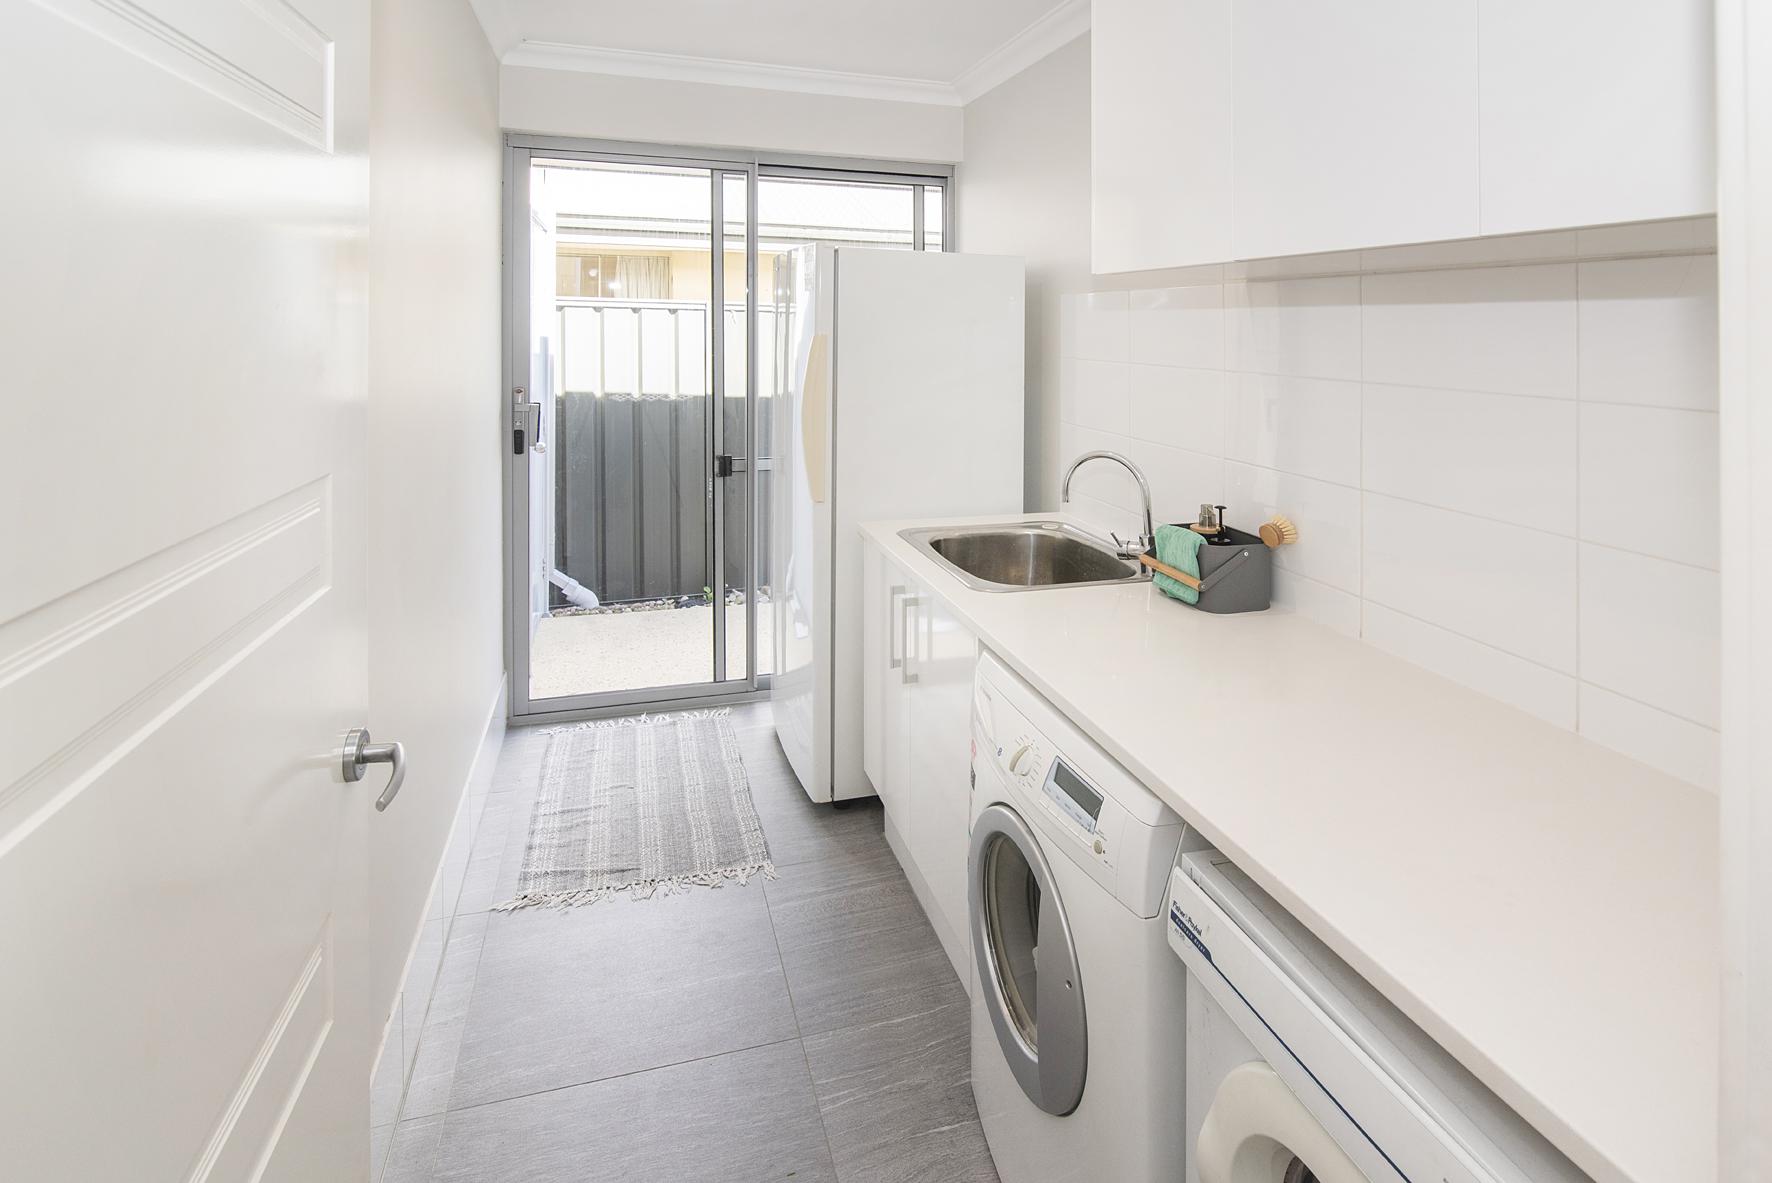 3 James Street Dunsborough - House For Sale - 23078140 - ACTON South West (Dunsborough)